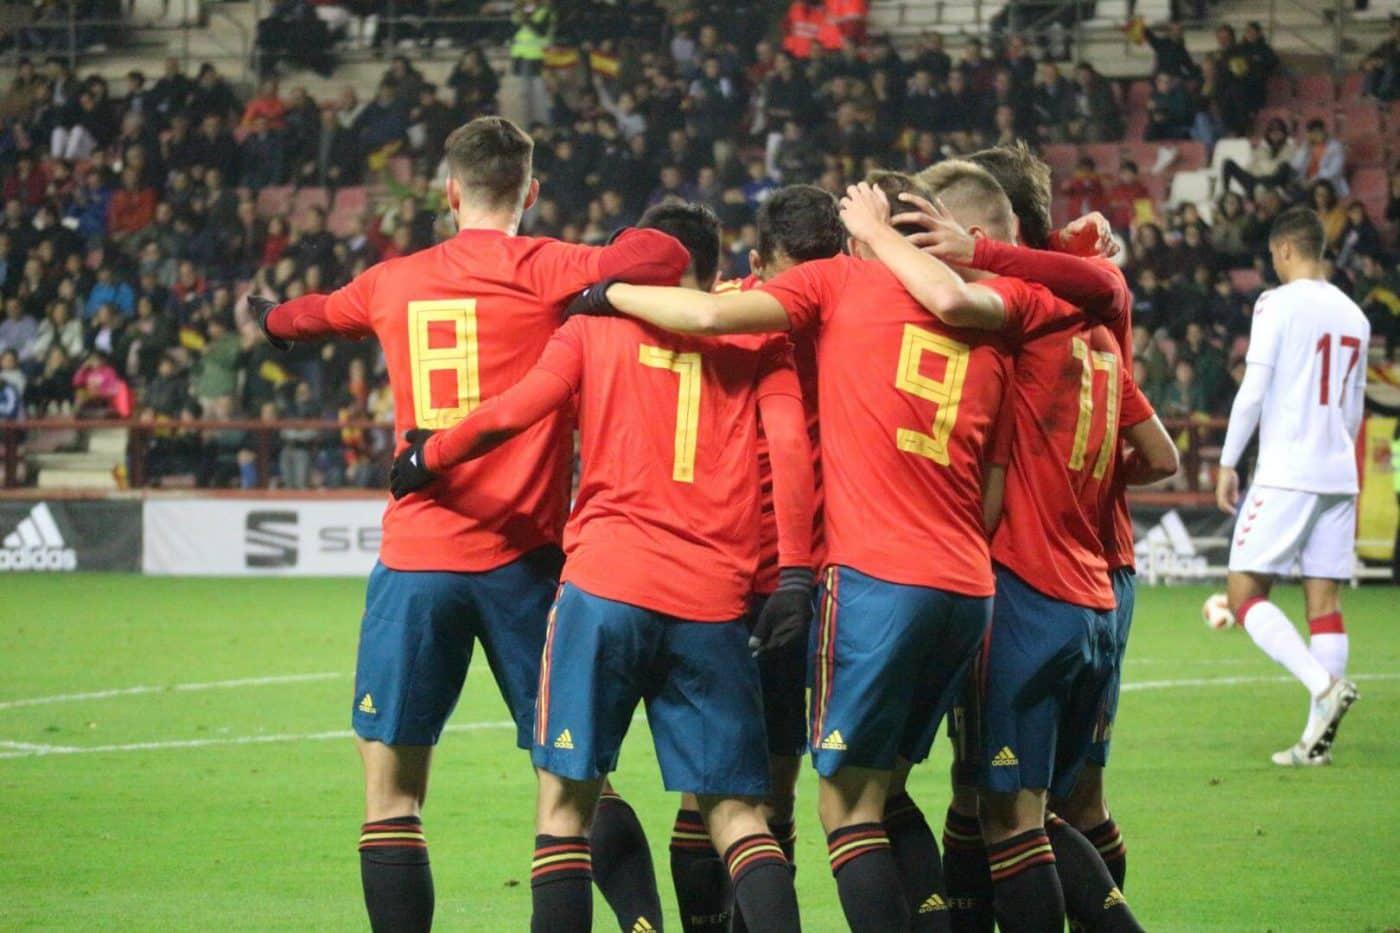 La Sub-21 de Luis de la Fuente remonta y golea en Las Gaunas 18